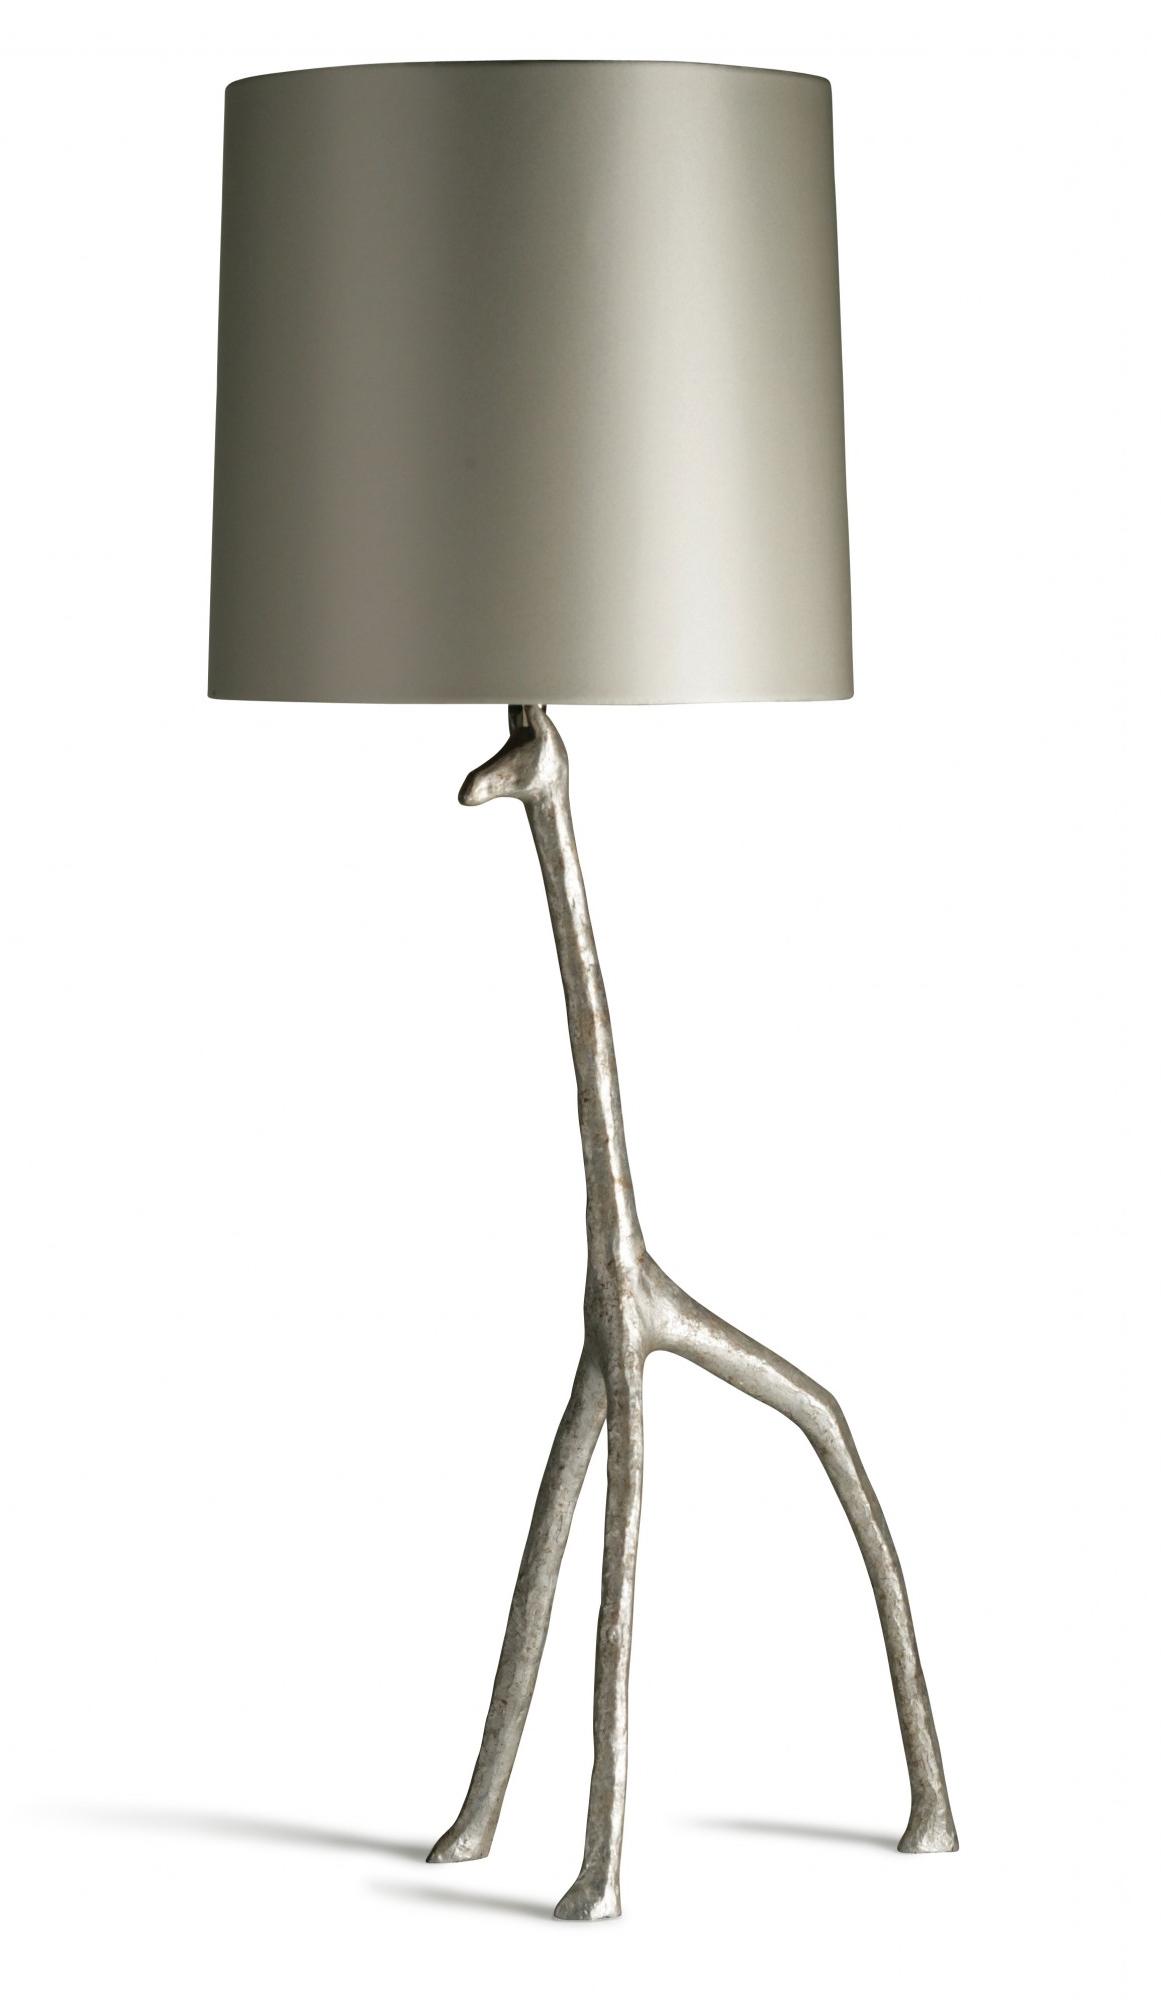 Giraffe lamp shade - Giraffe Lamp